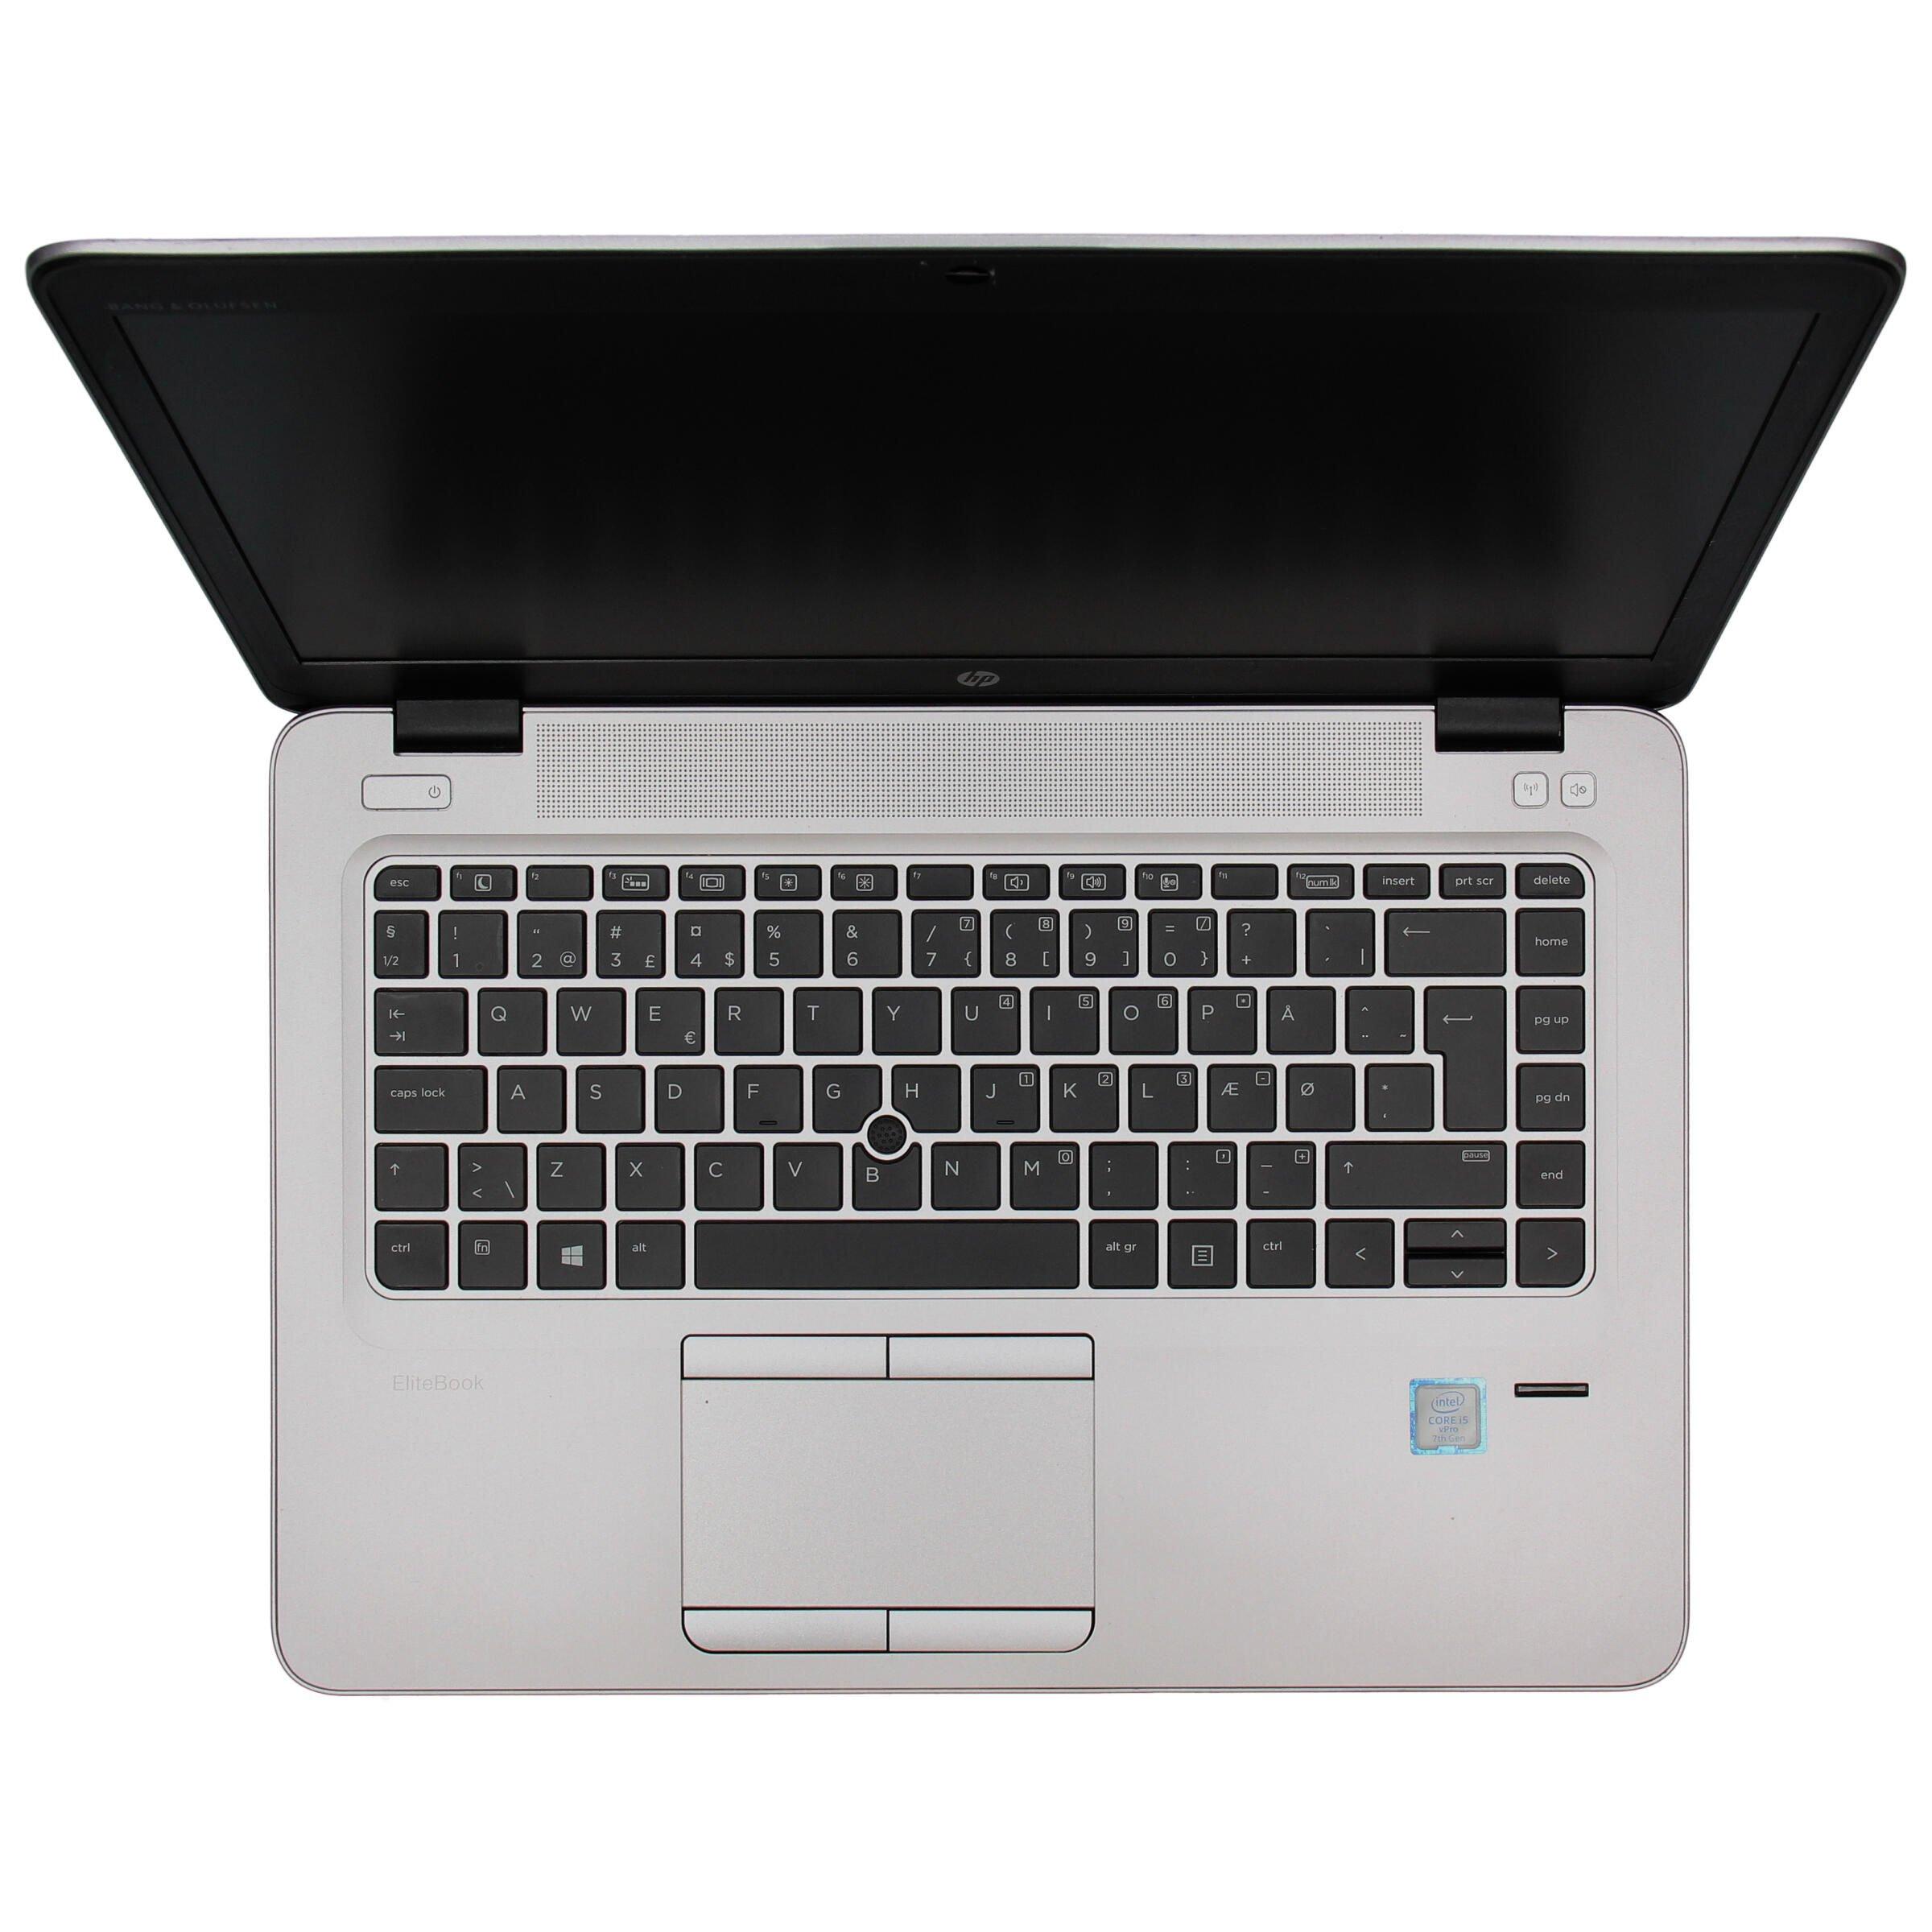 Klawiatura w laptopie dla ucznia